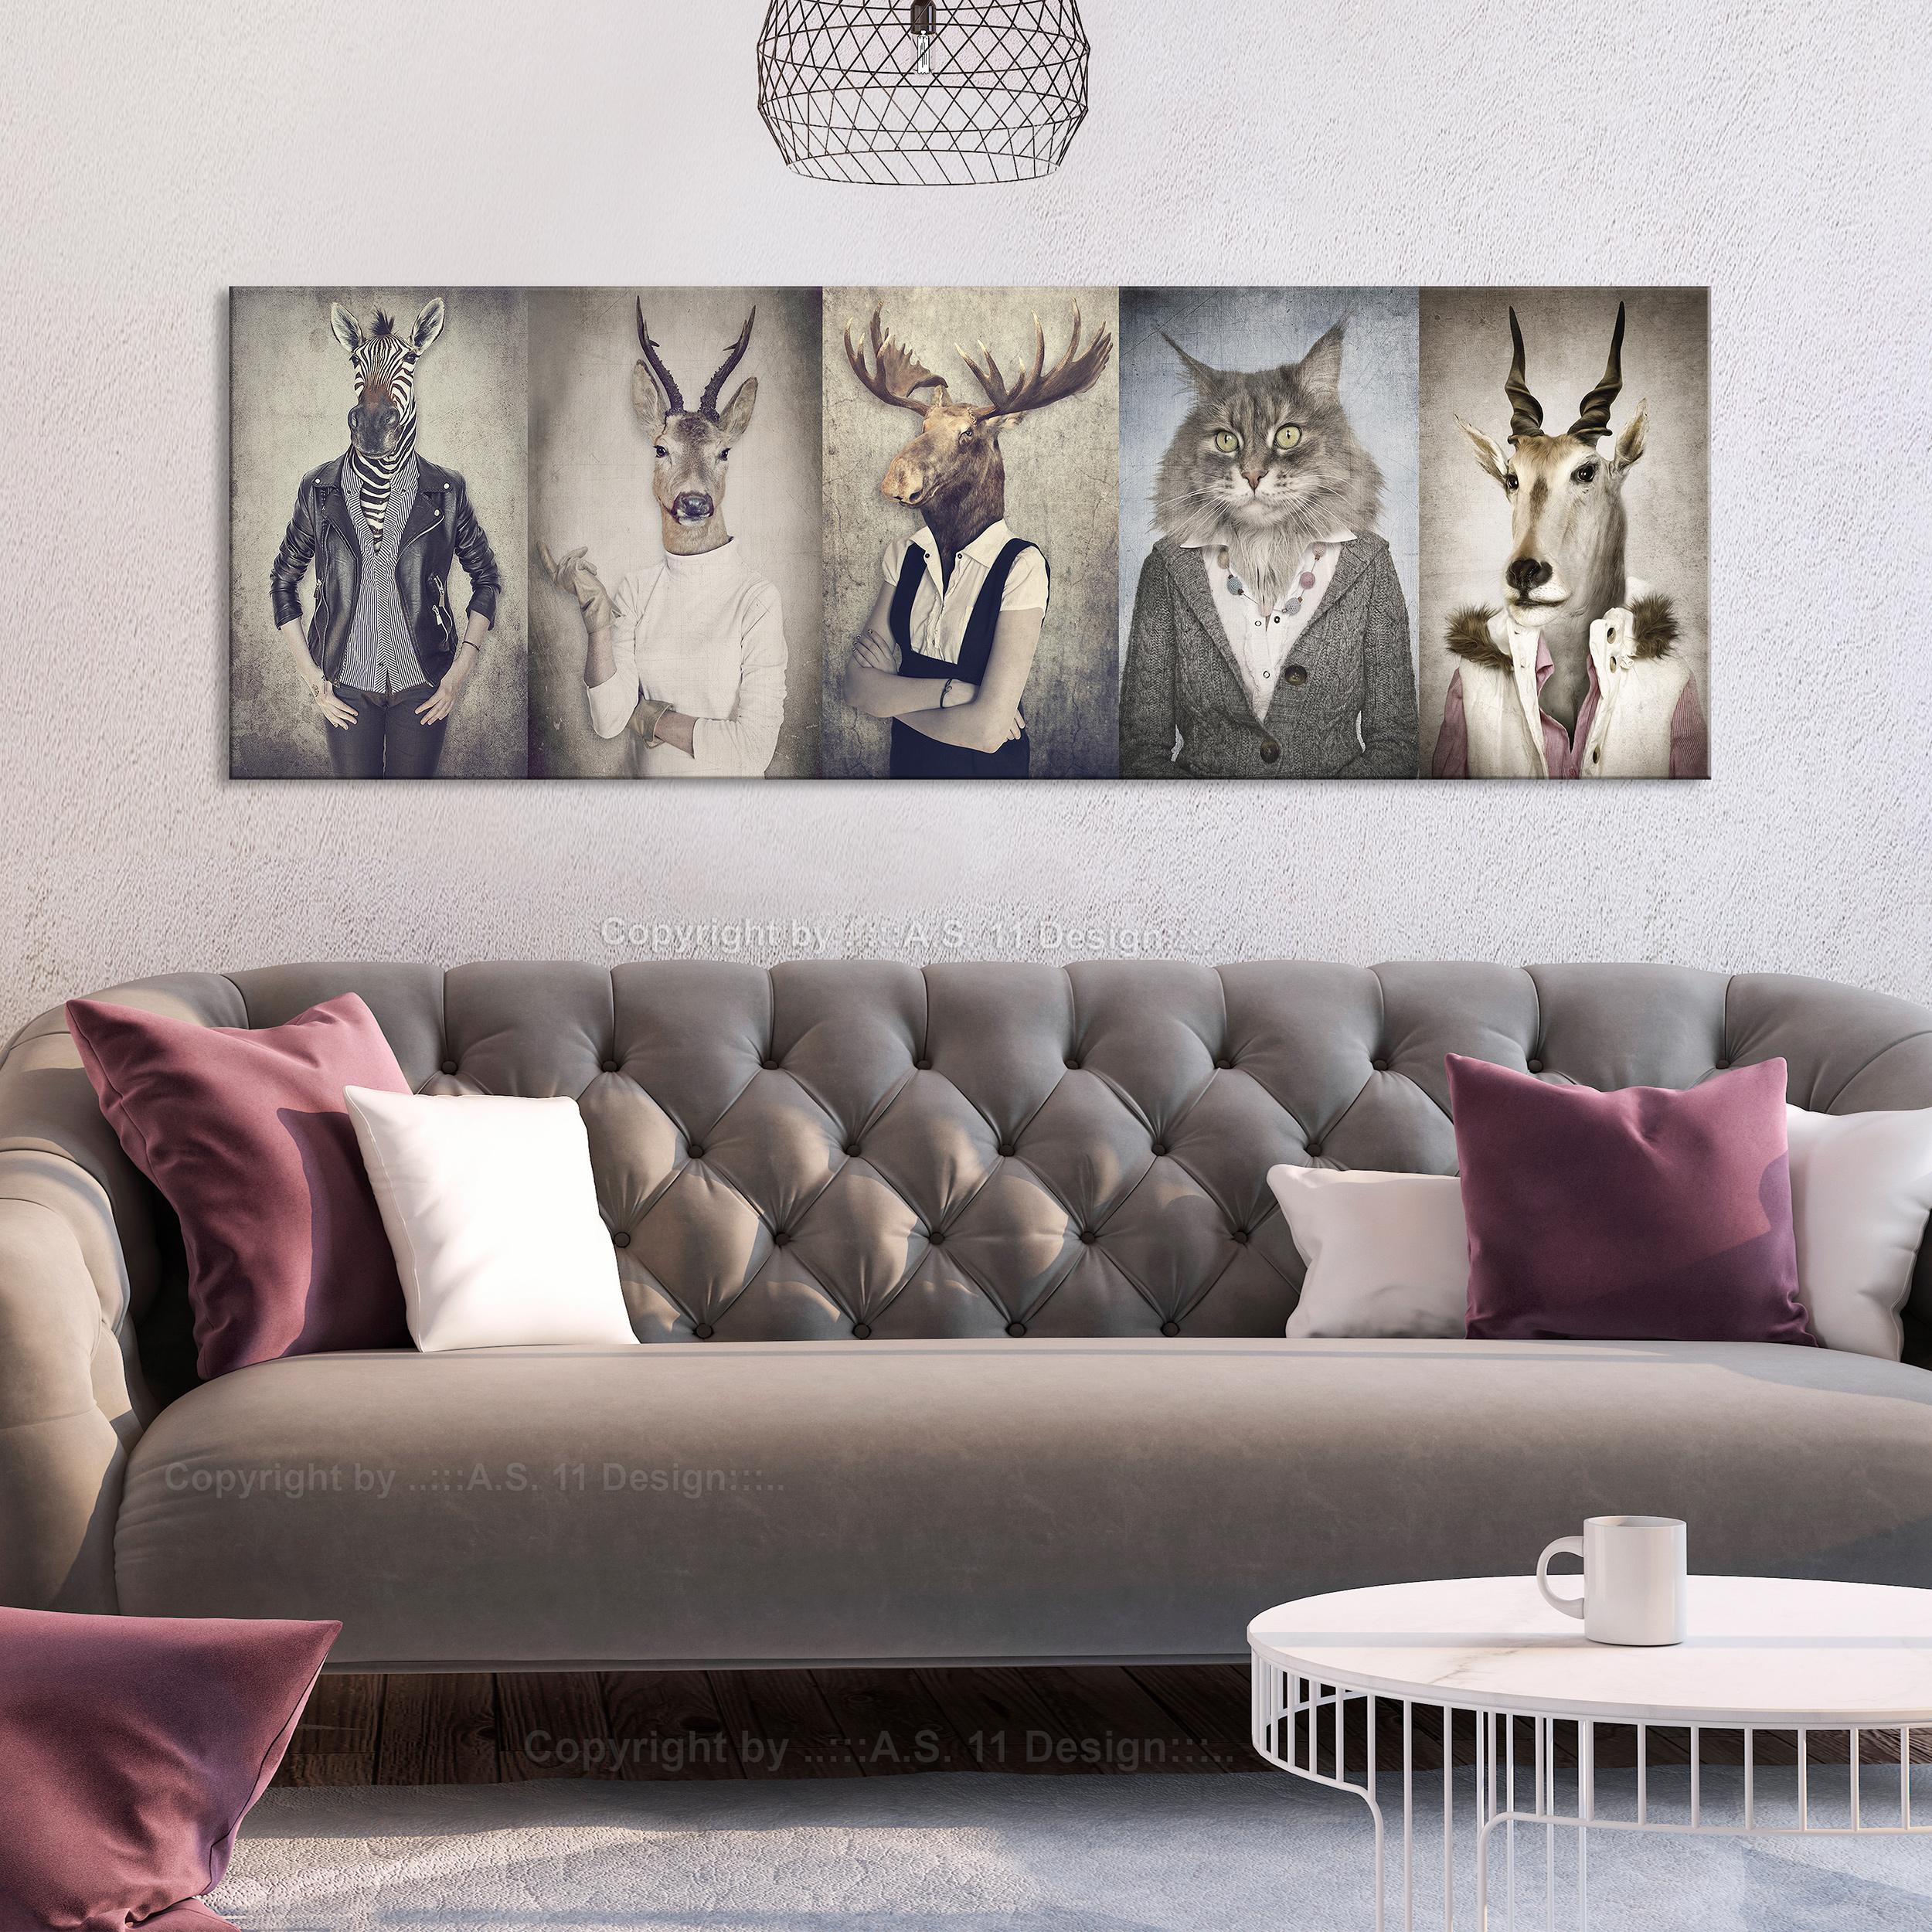 bilder leinwand bild tiere katze retro vintage menschen. Black Bedroom Furniture Sets. Home Design Ideas